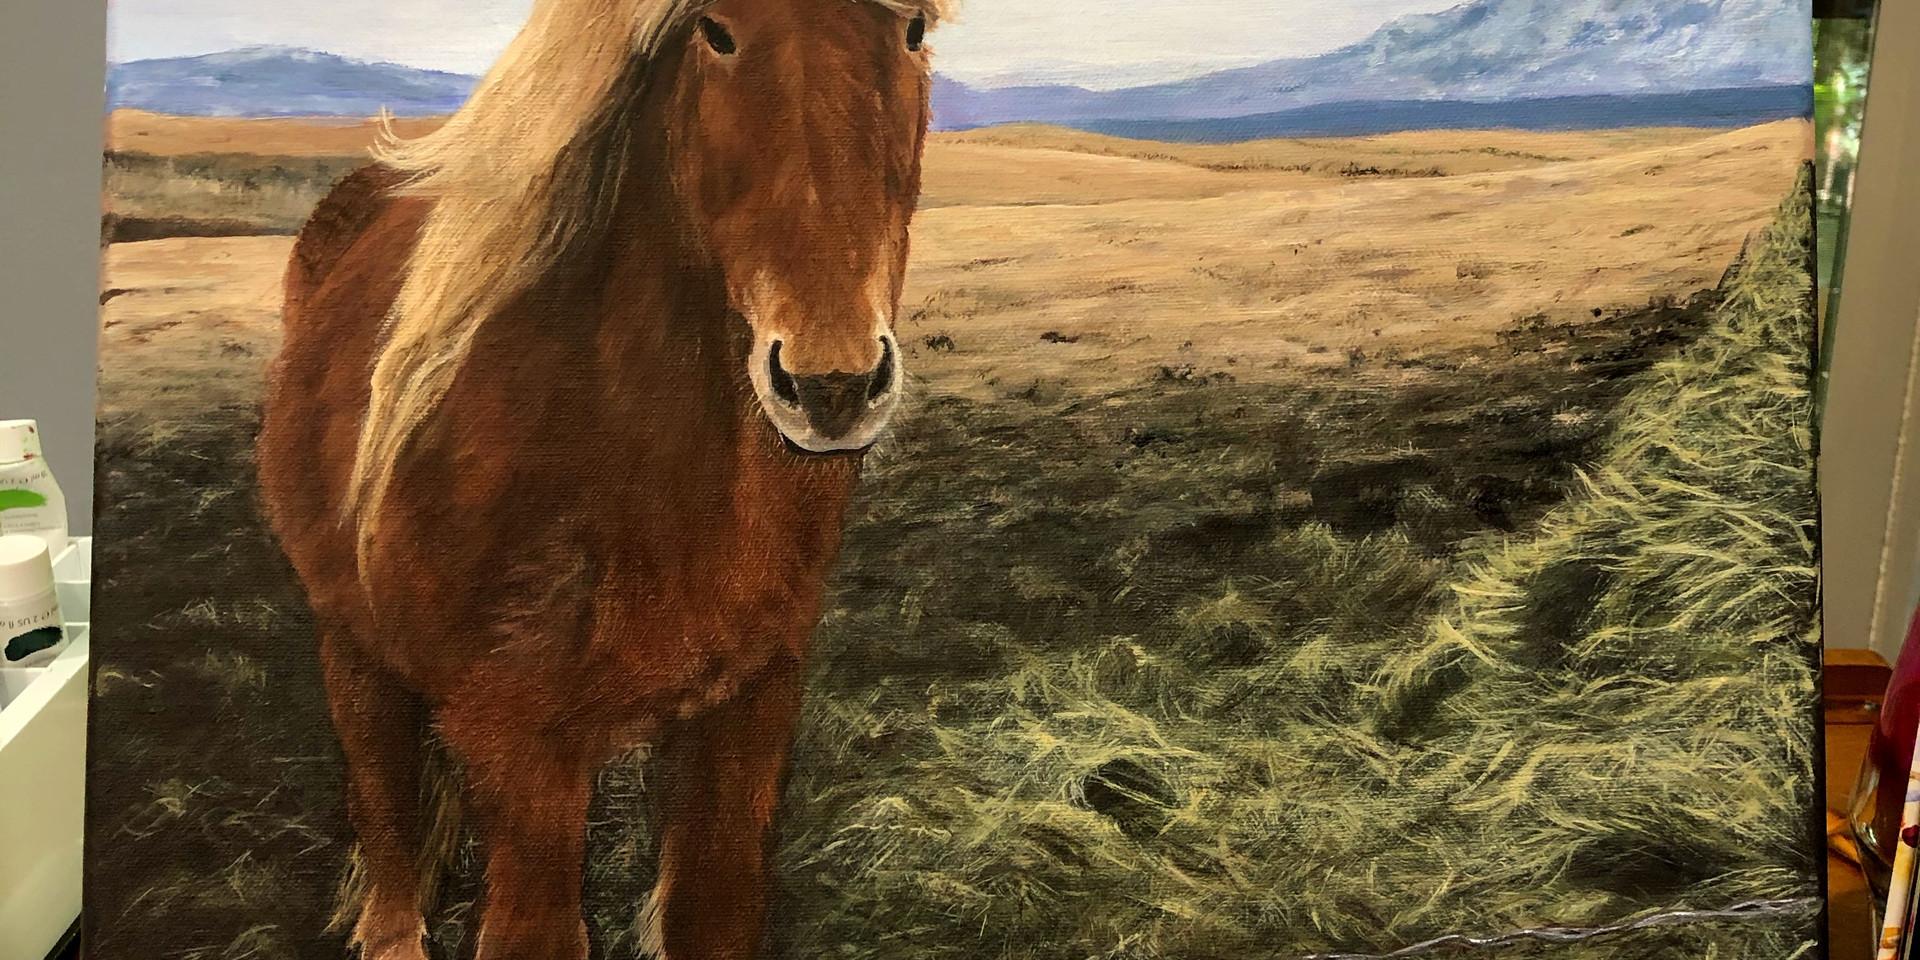 Iceland Wild Horse.jpg